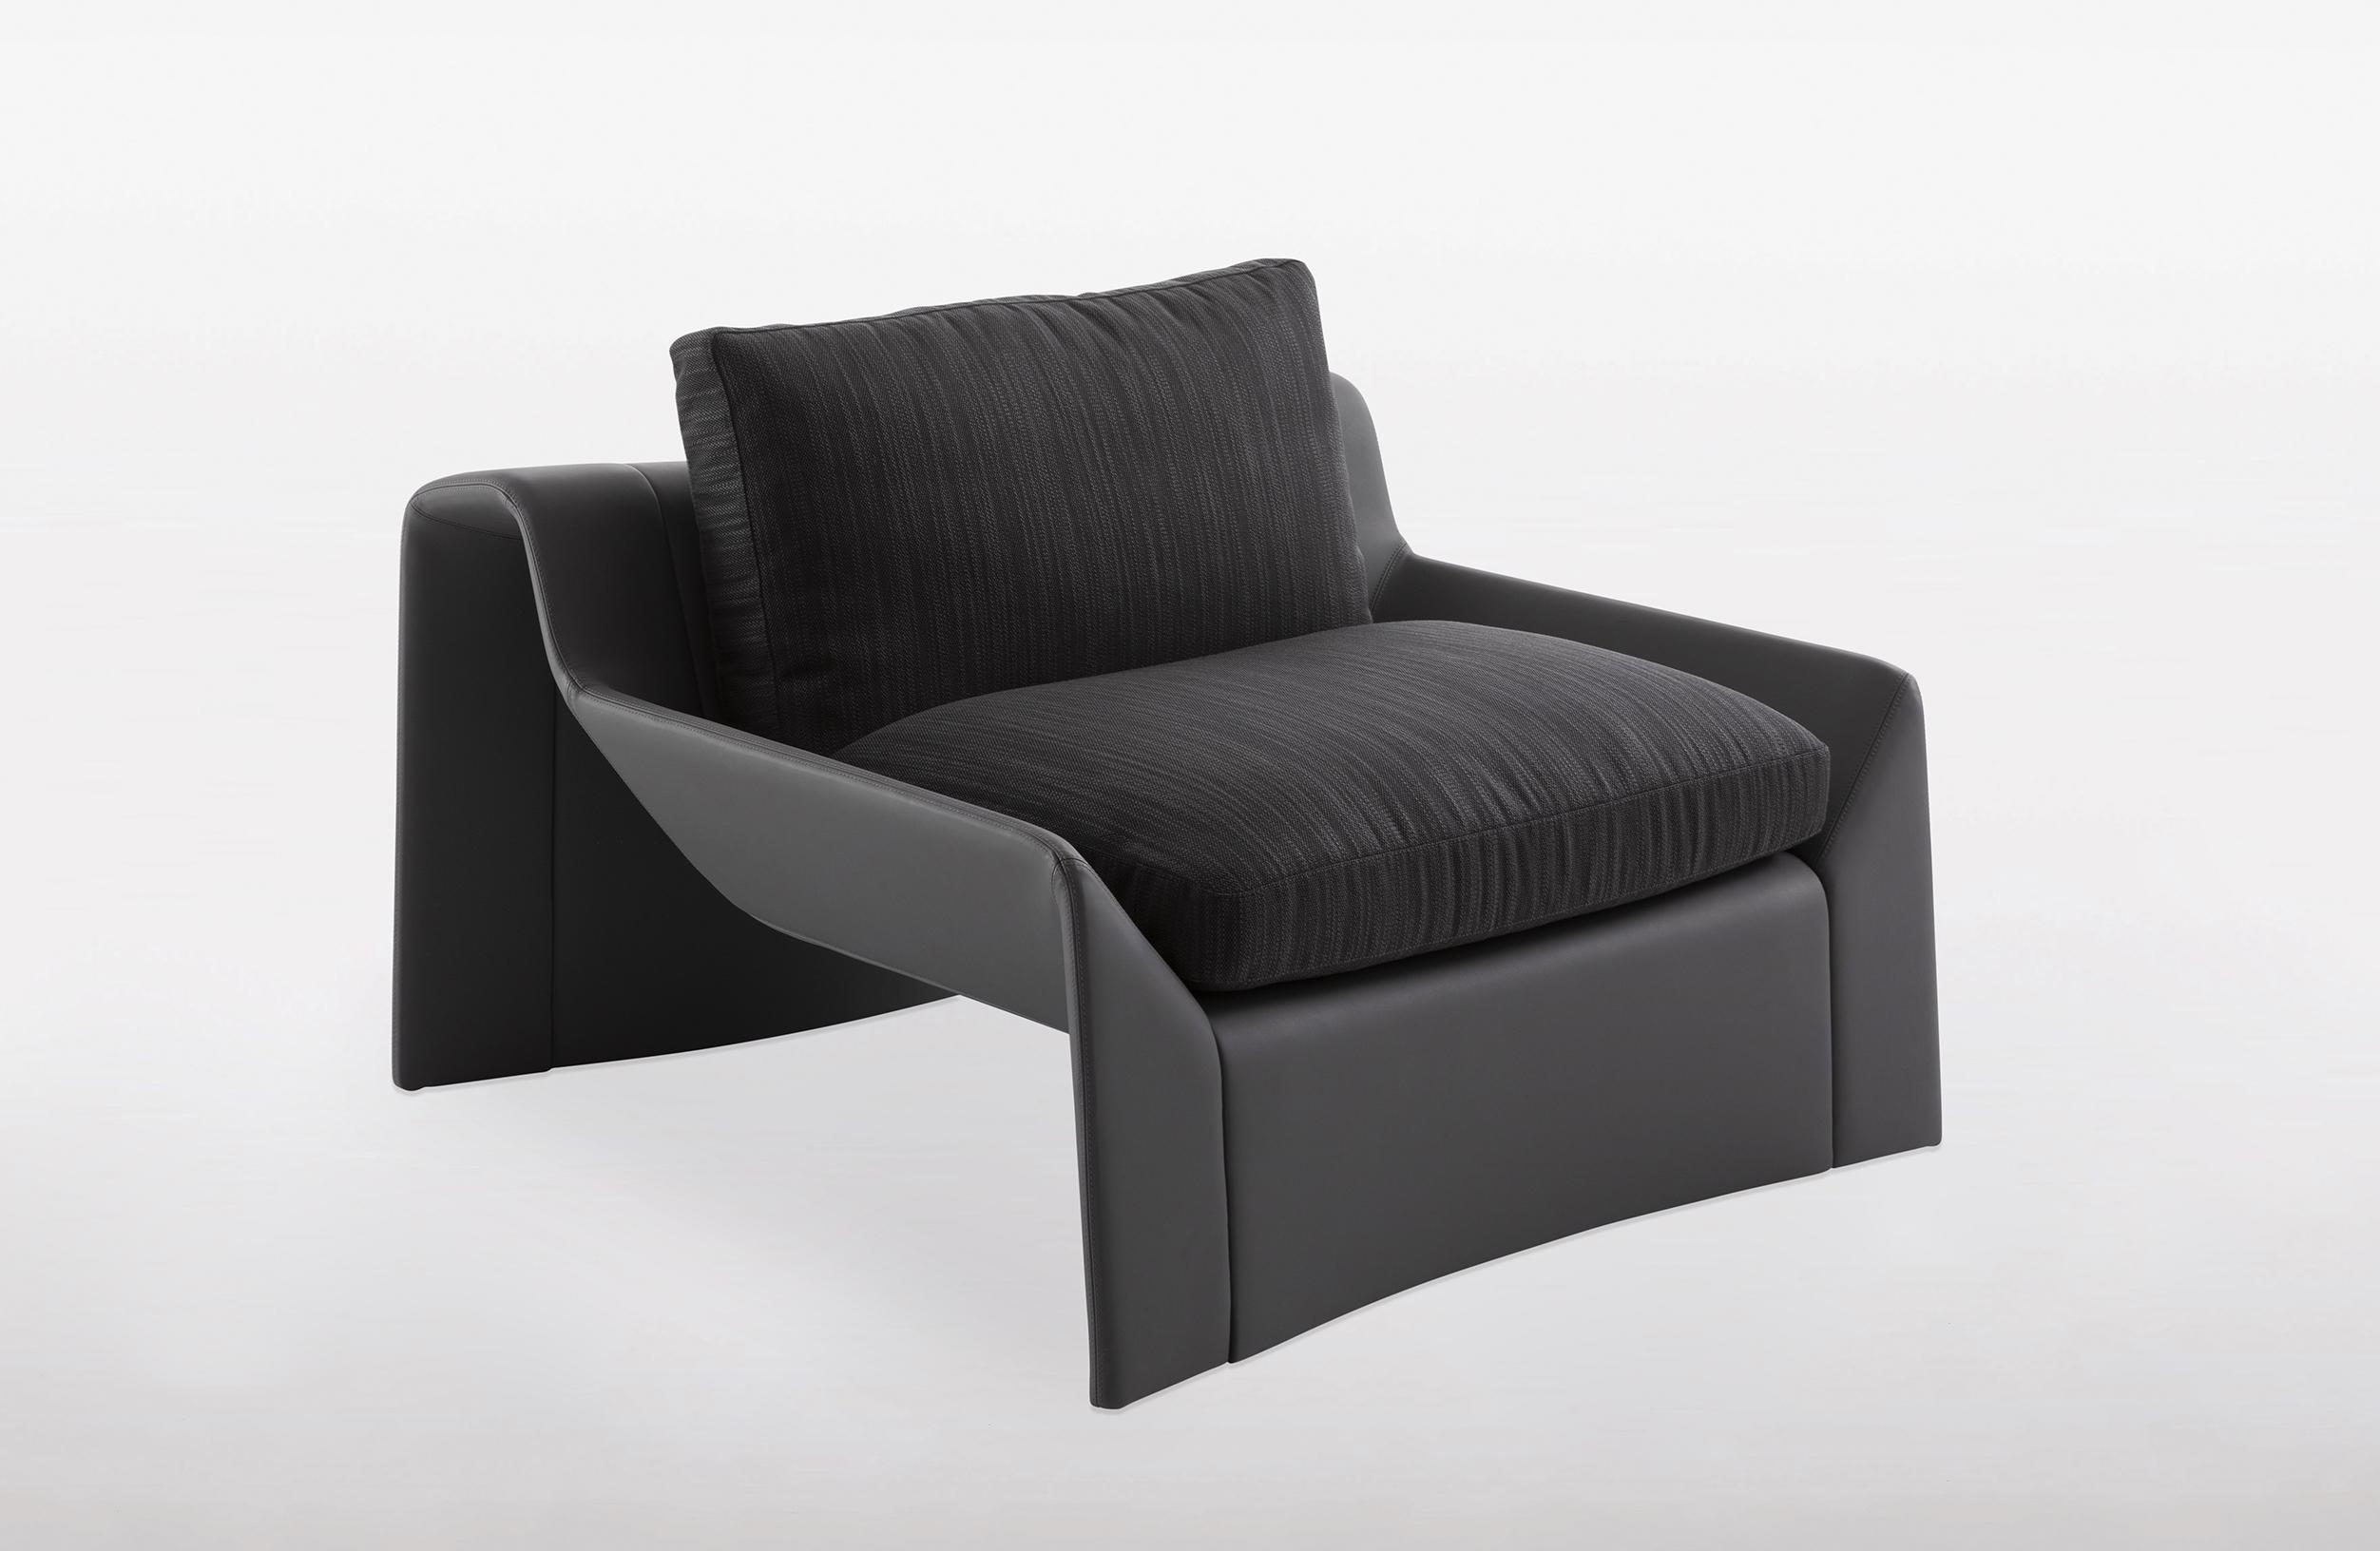 bugatti home-chiron-armchair-06